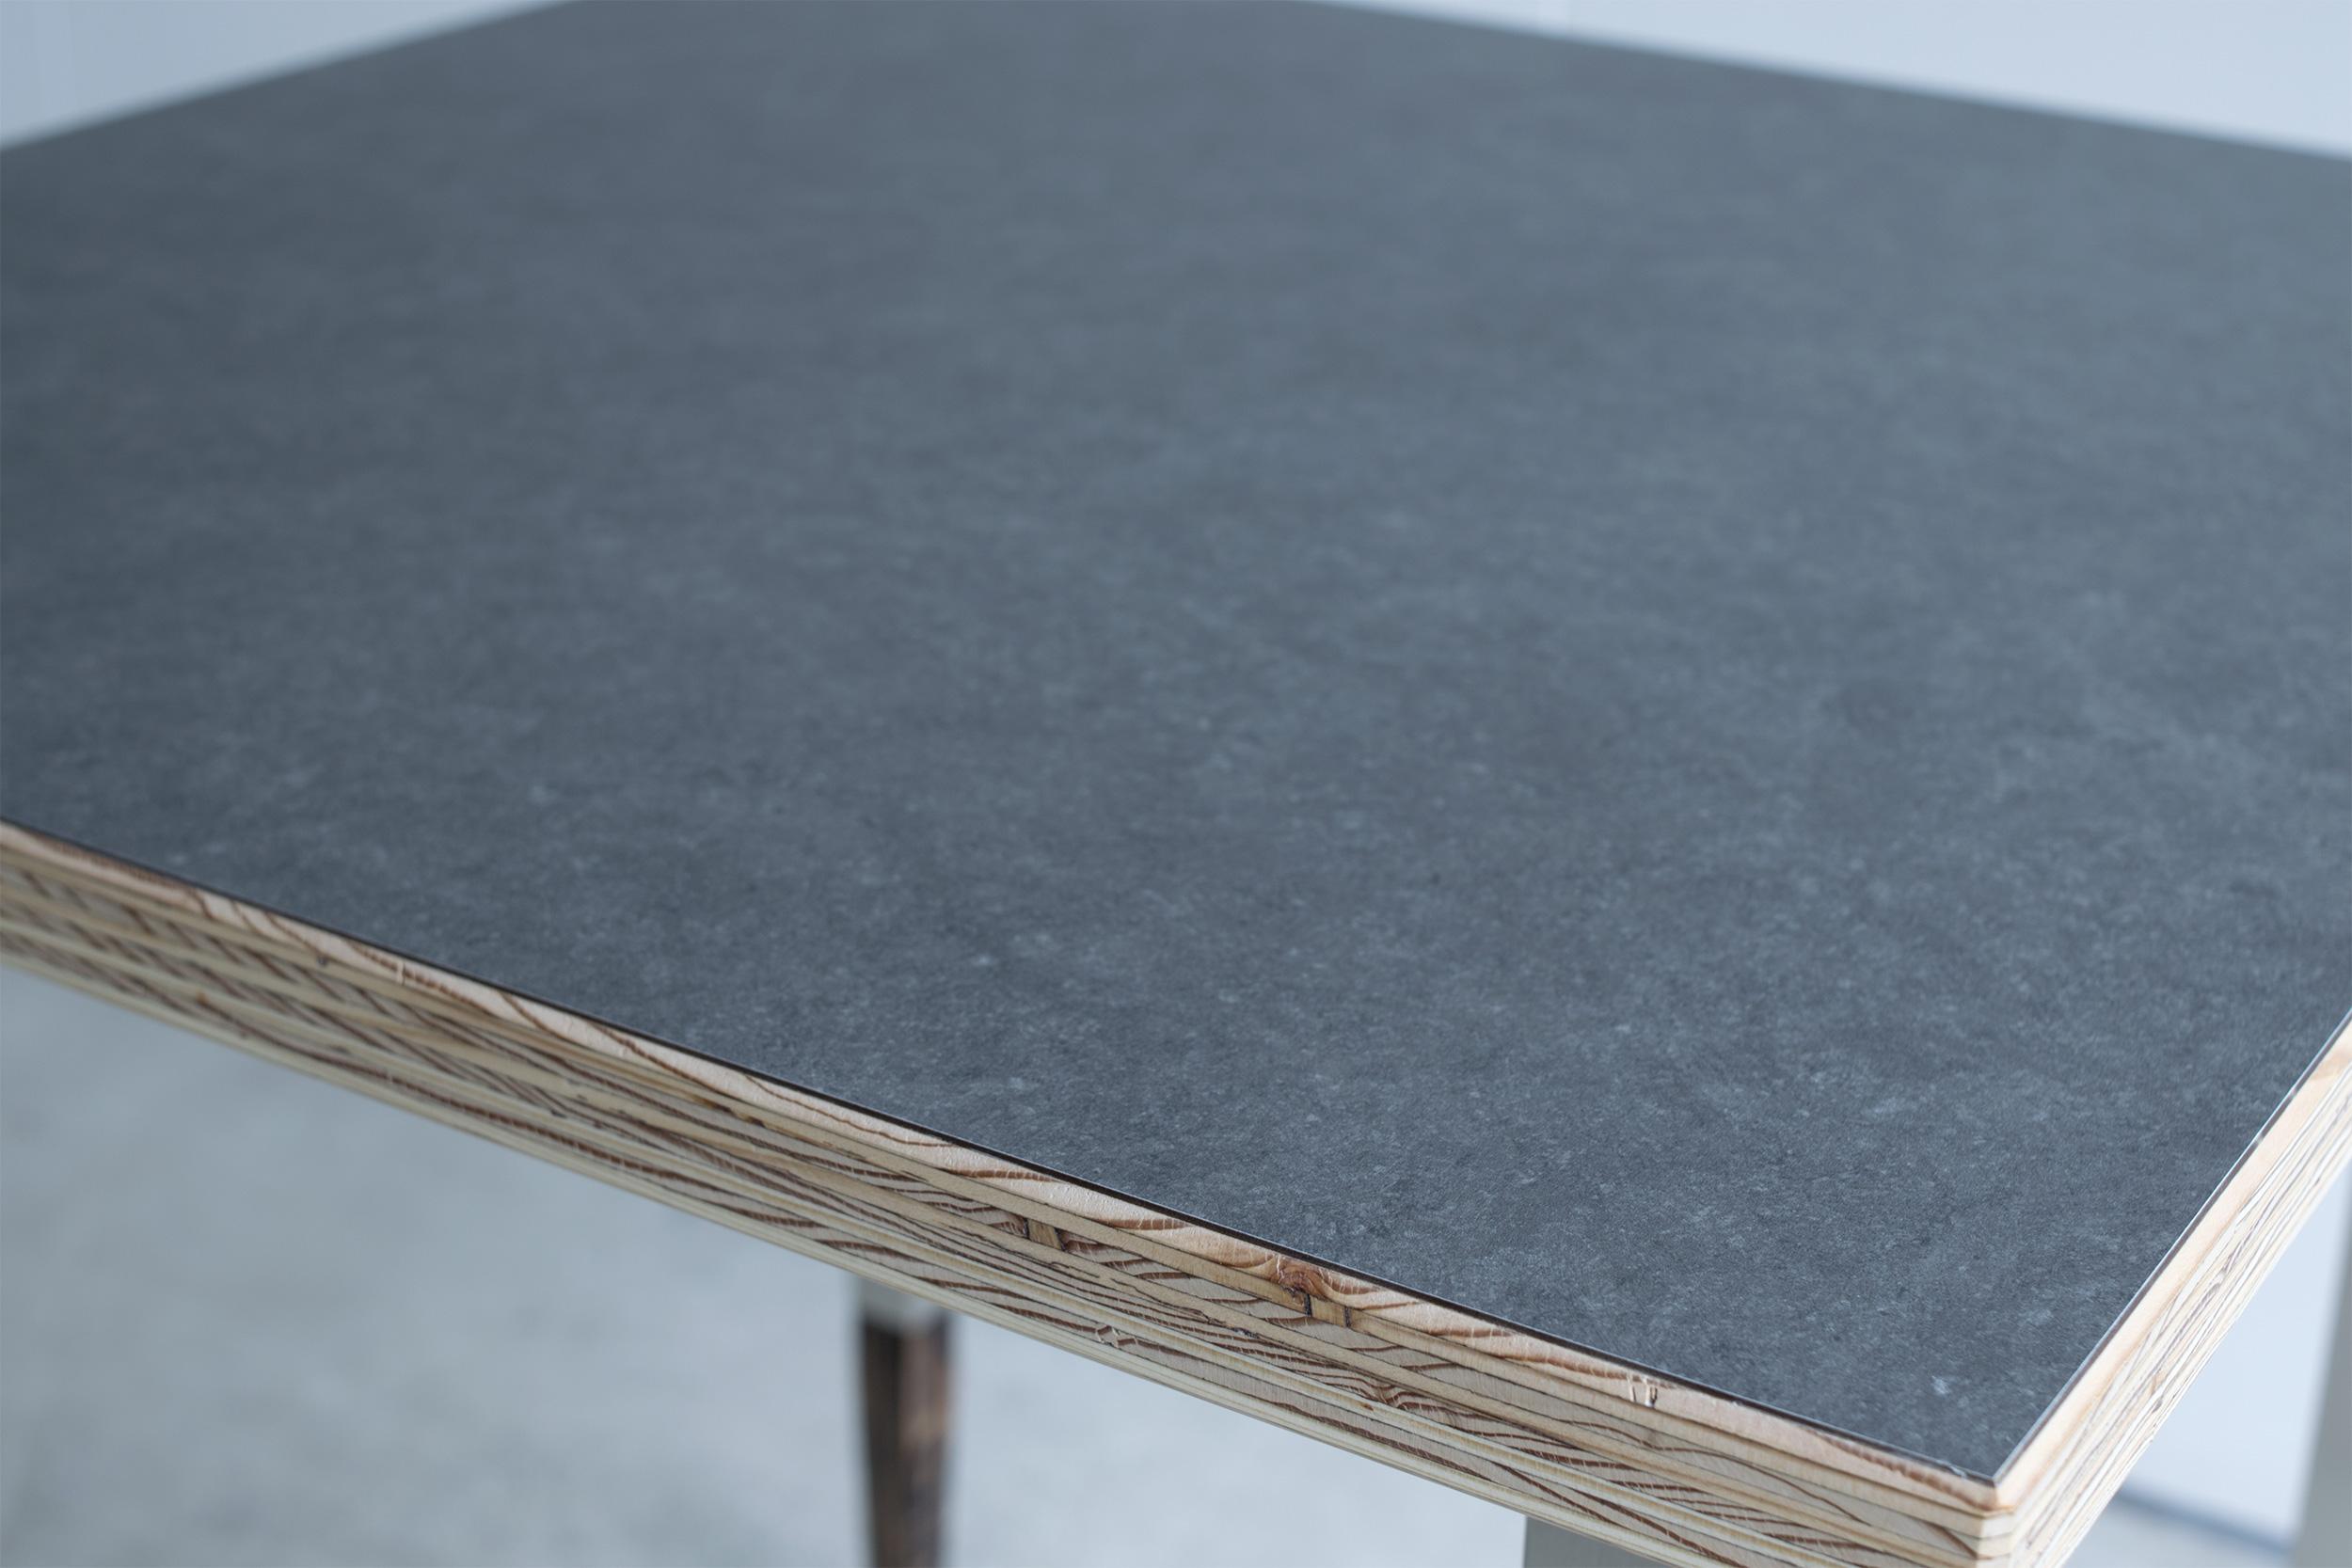 オルタナティブテーブル ラーチ+メラミン貼り天板